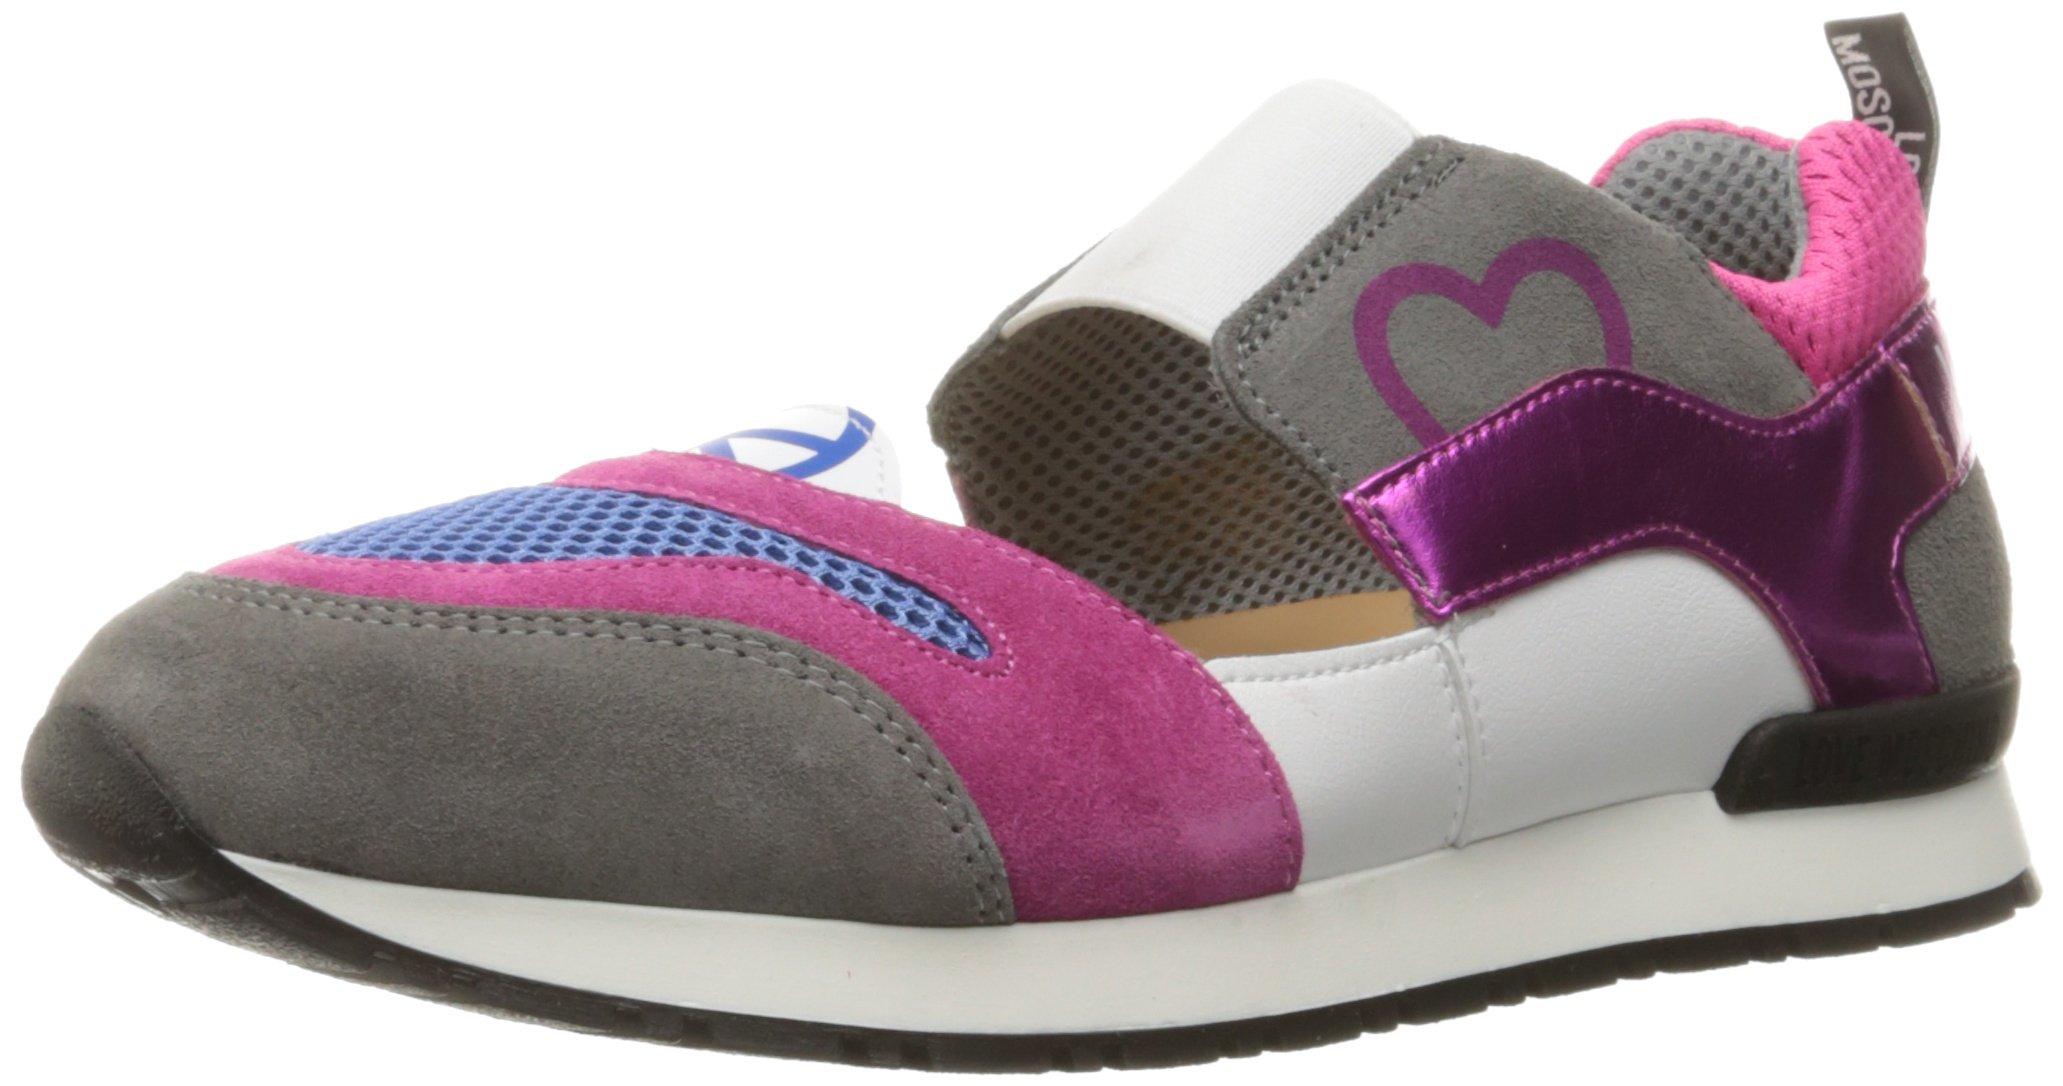 Love Moschino Women's Cut-Out Logo Running Shoe Fashion Sneaker, Fuchsia/Grey/Blue, 37 EU/7 M US